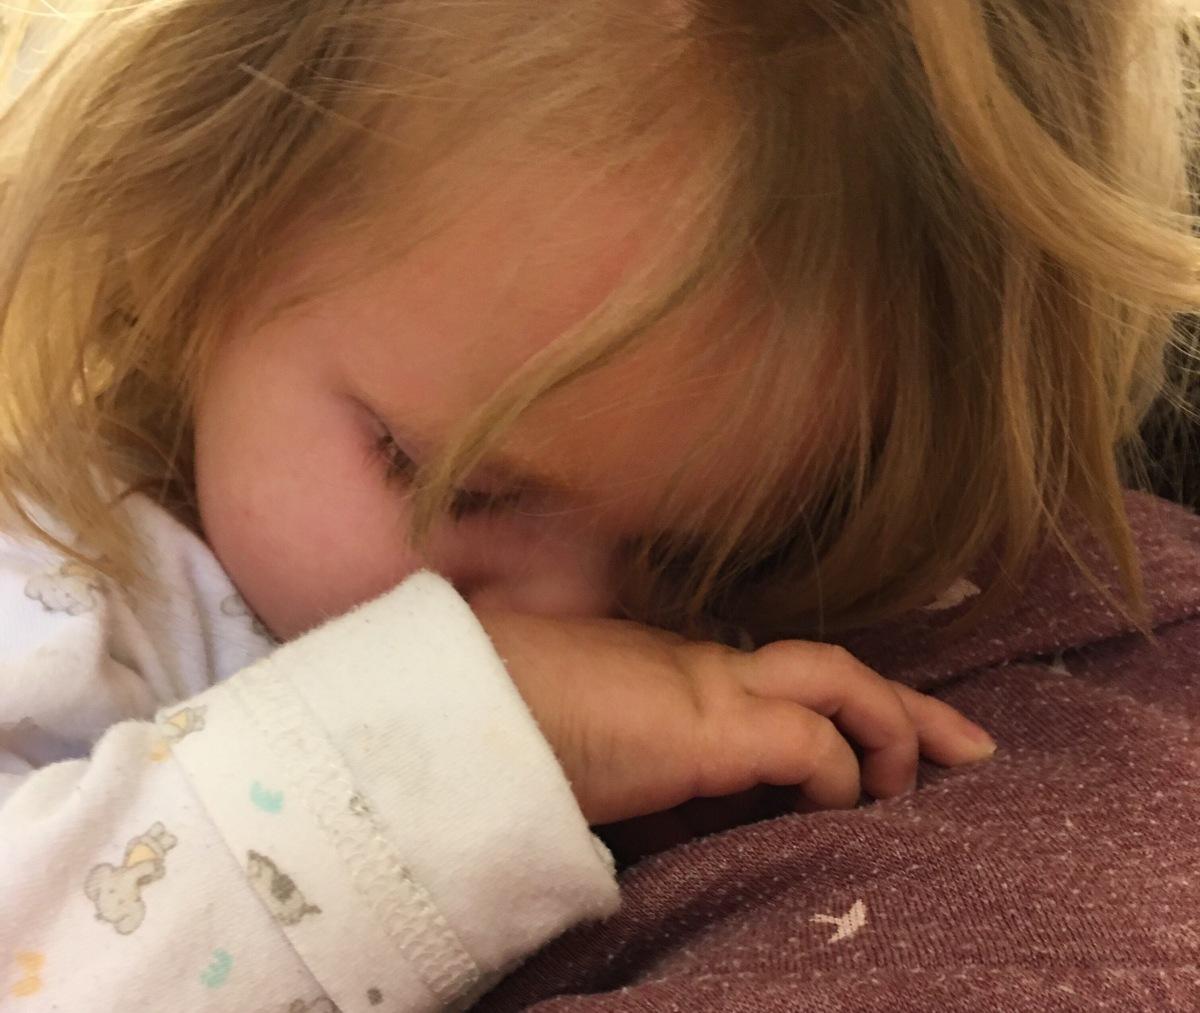 sykemelding for sykt barn